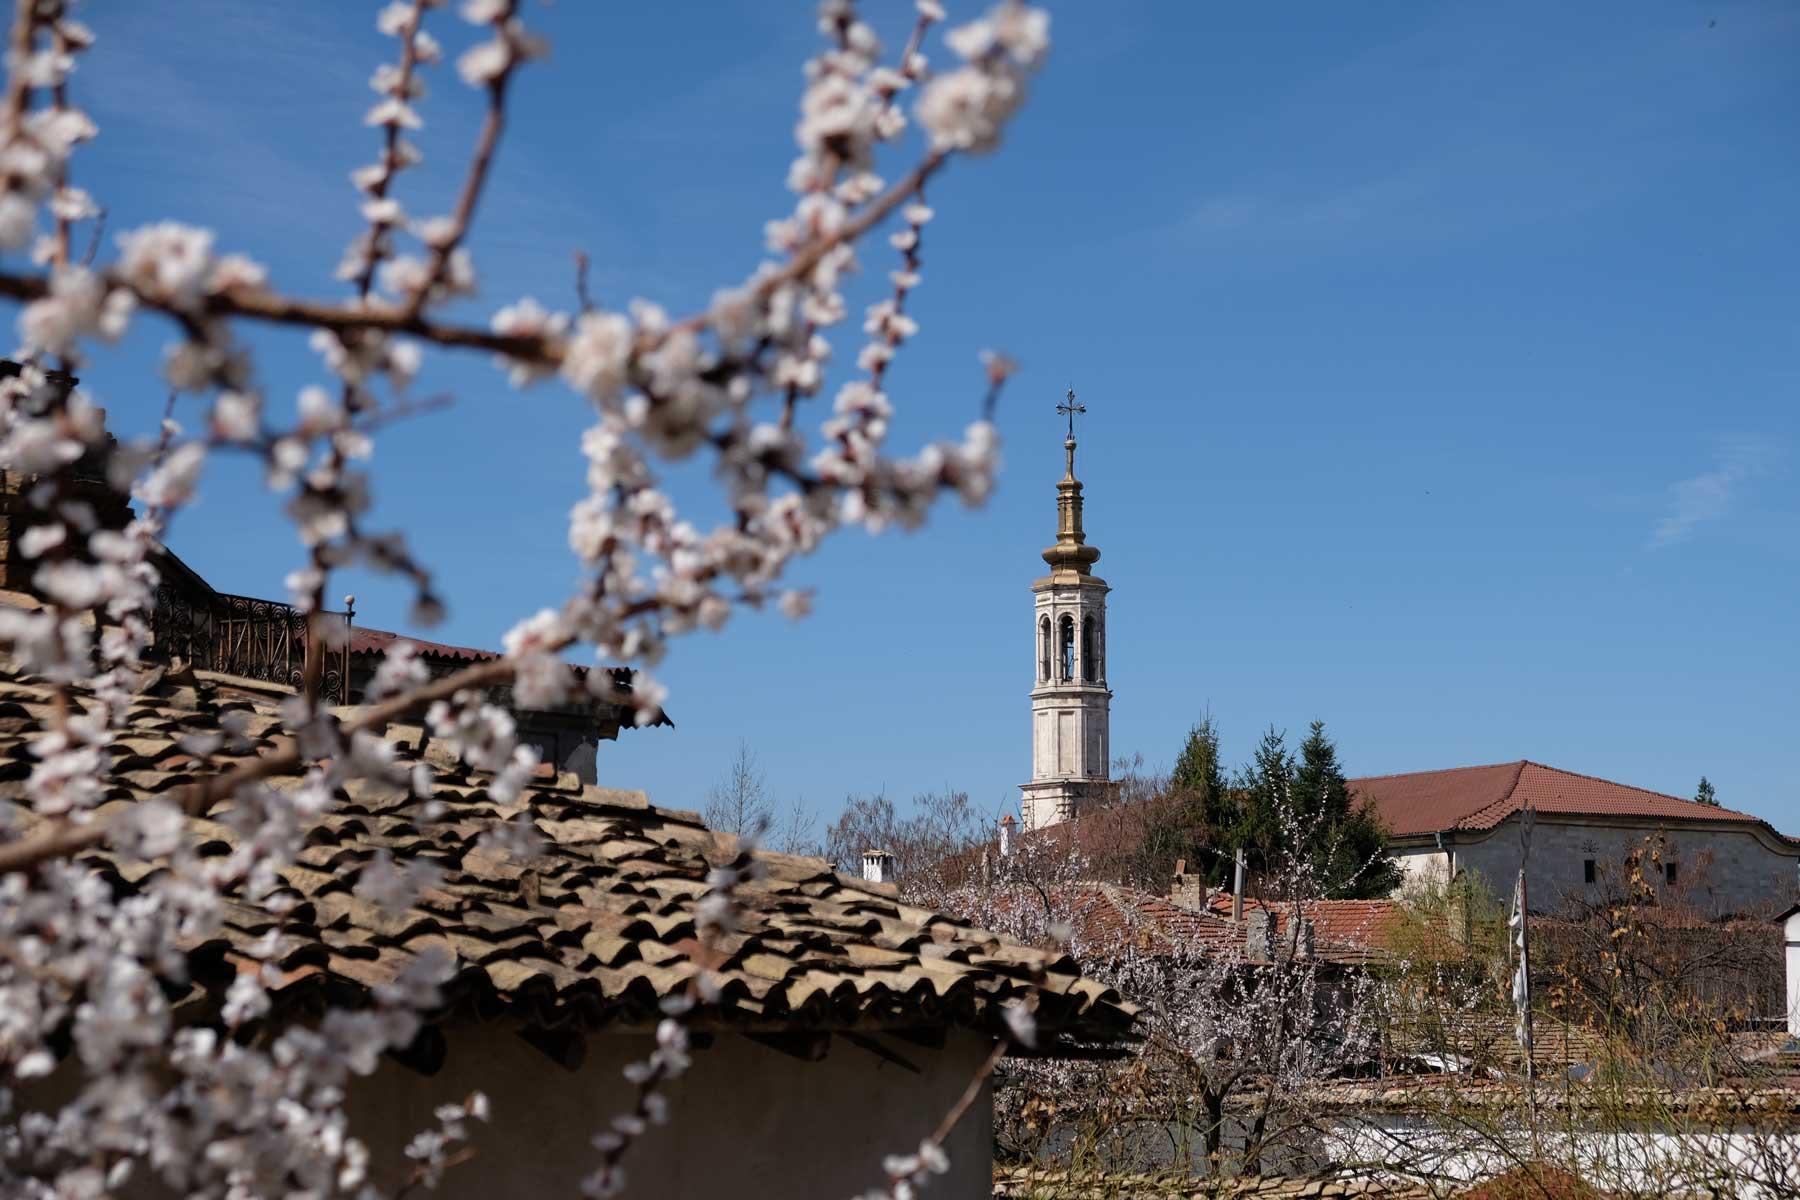 Ein Kirchturm und ein Baum mit weißen Blüten